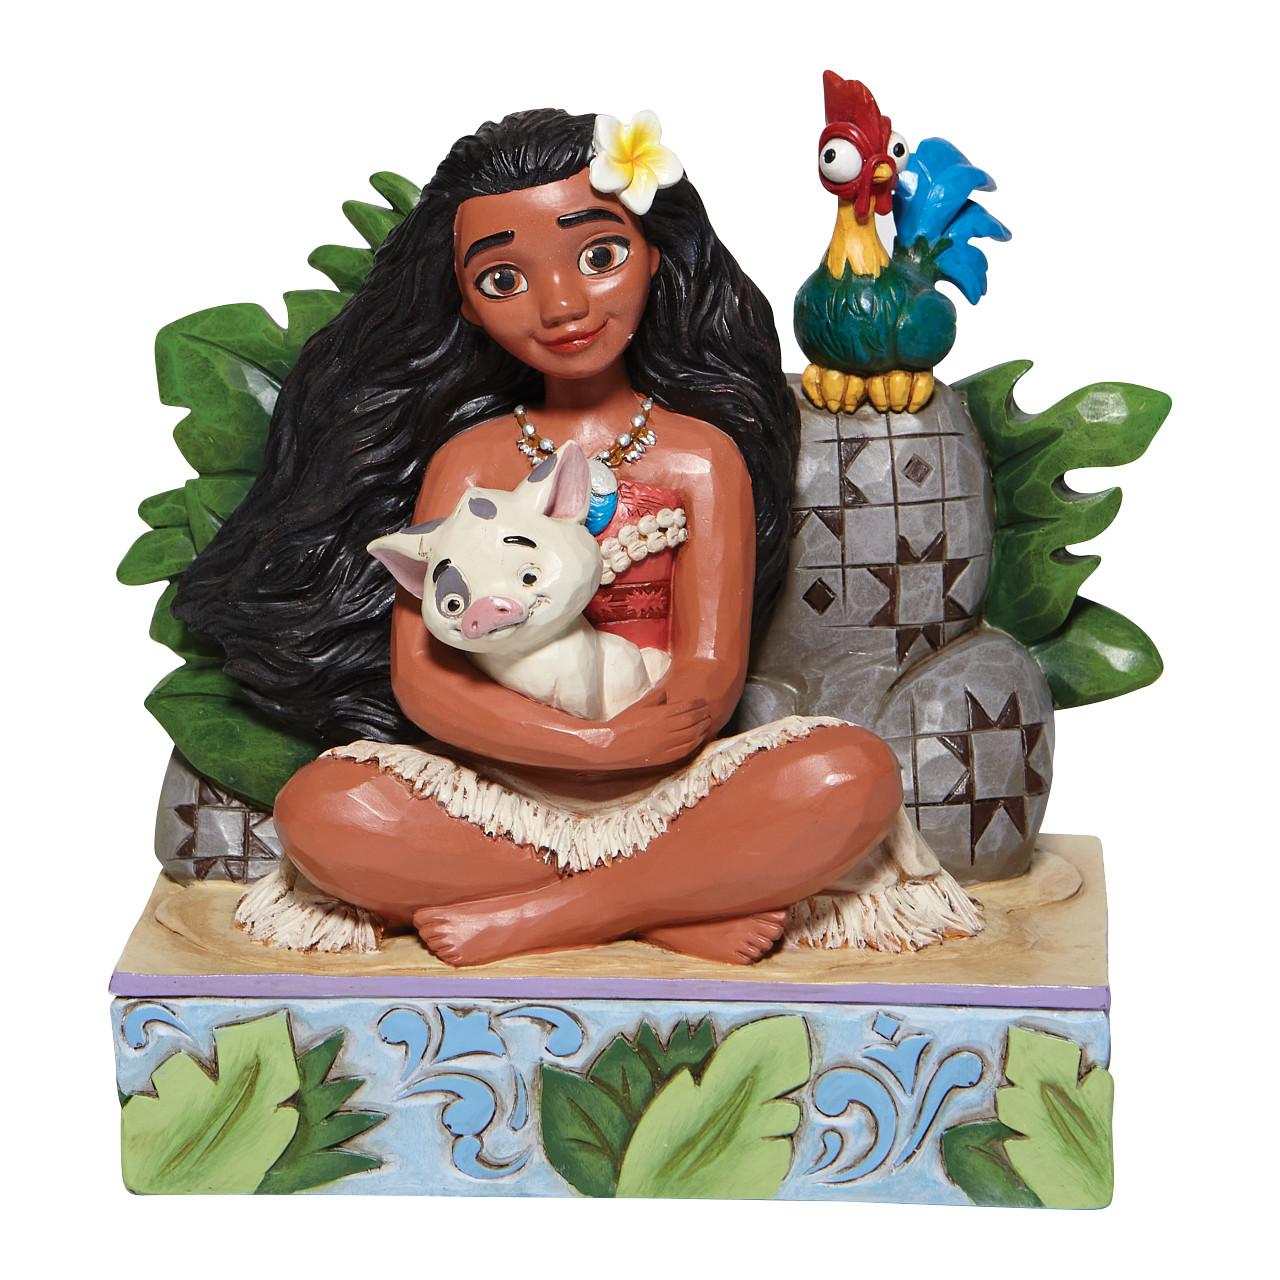 Disney Traditions - Welcome to Motunui (Moana, Pua and Hei Figurine)